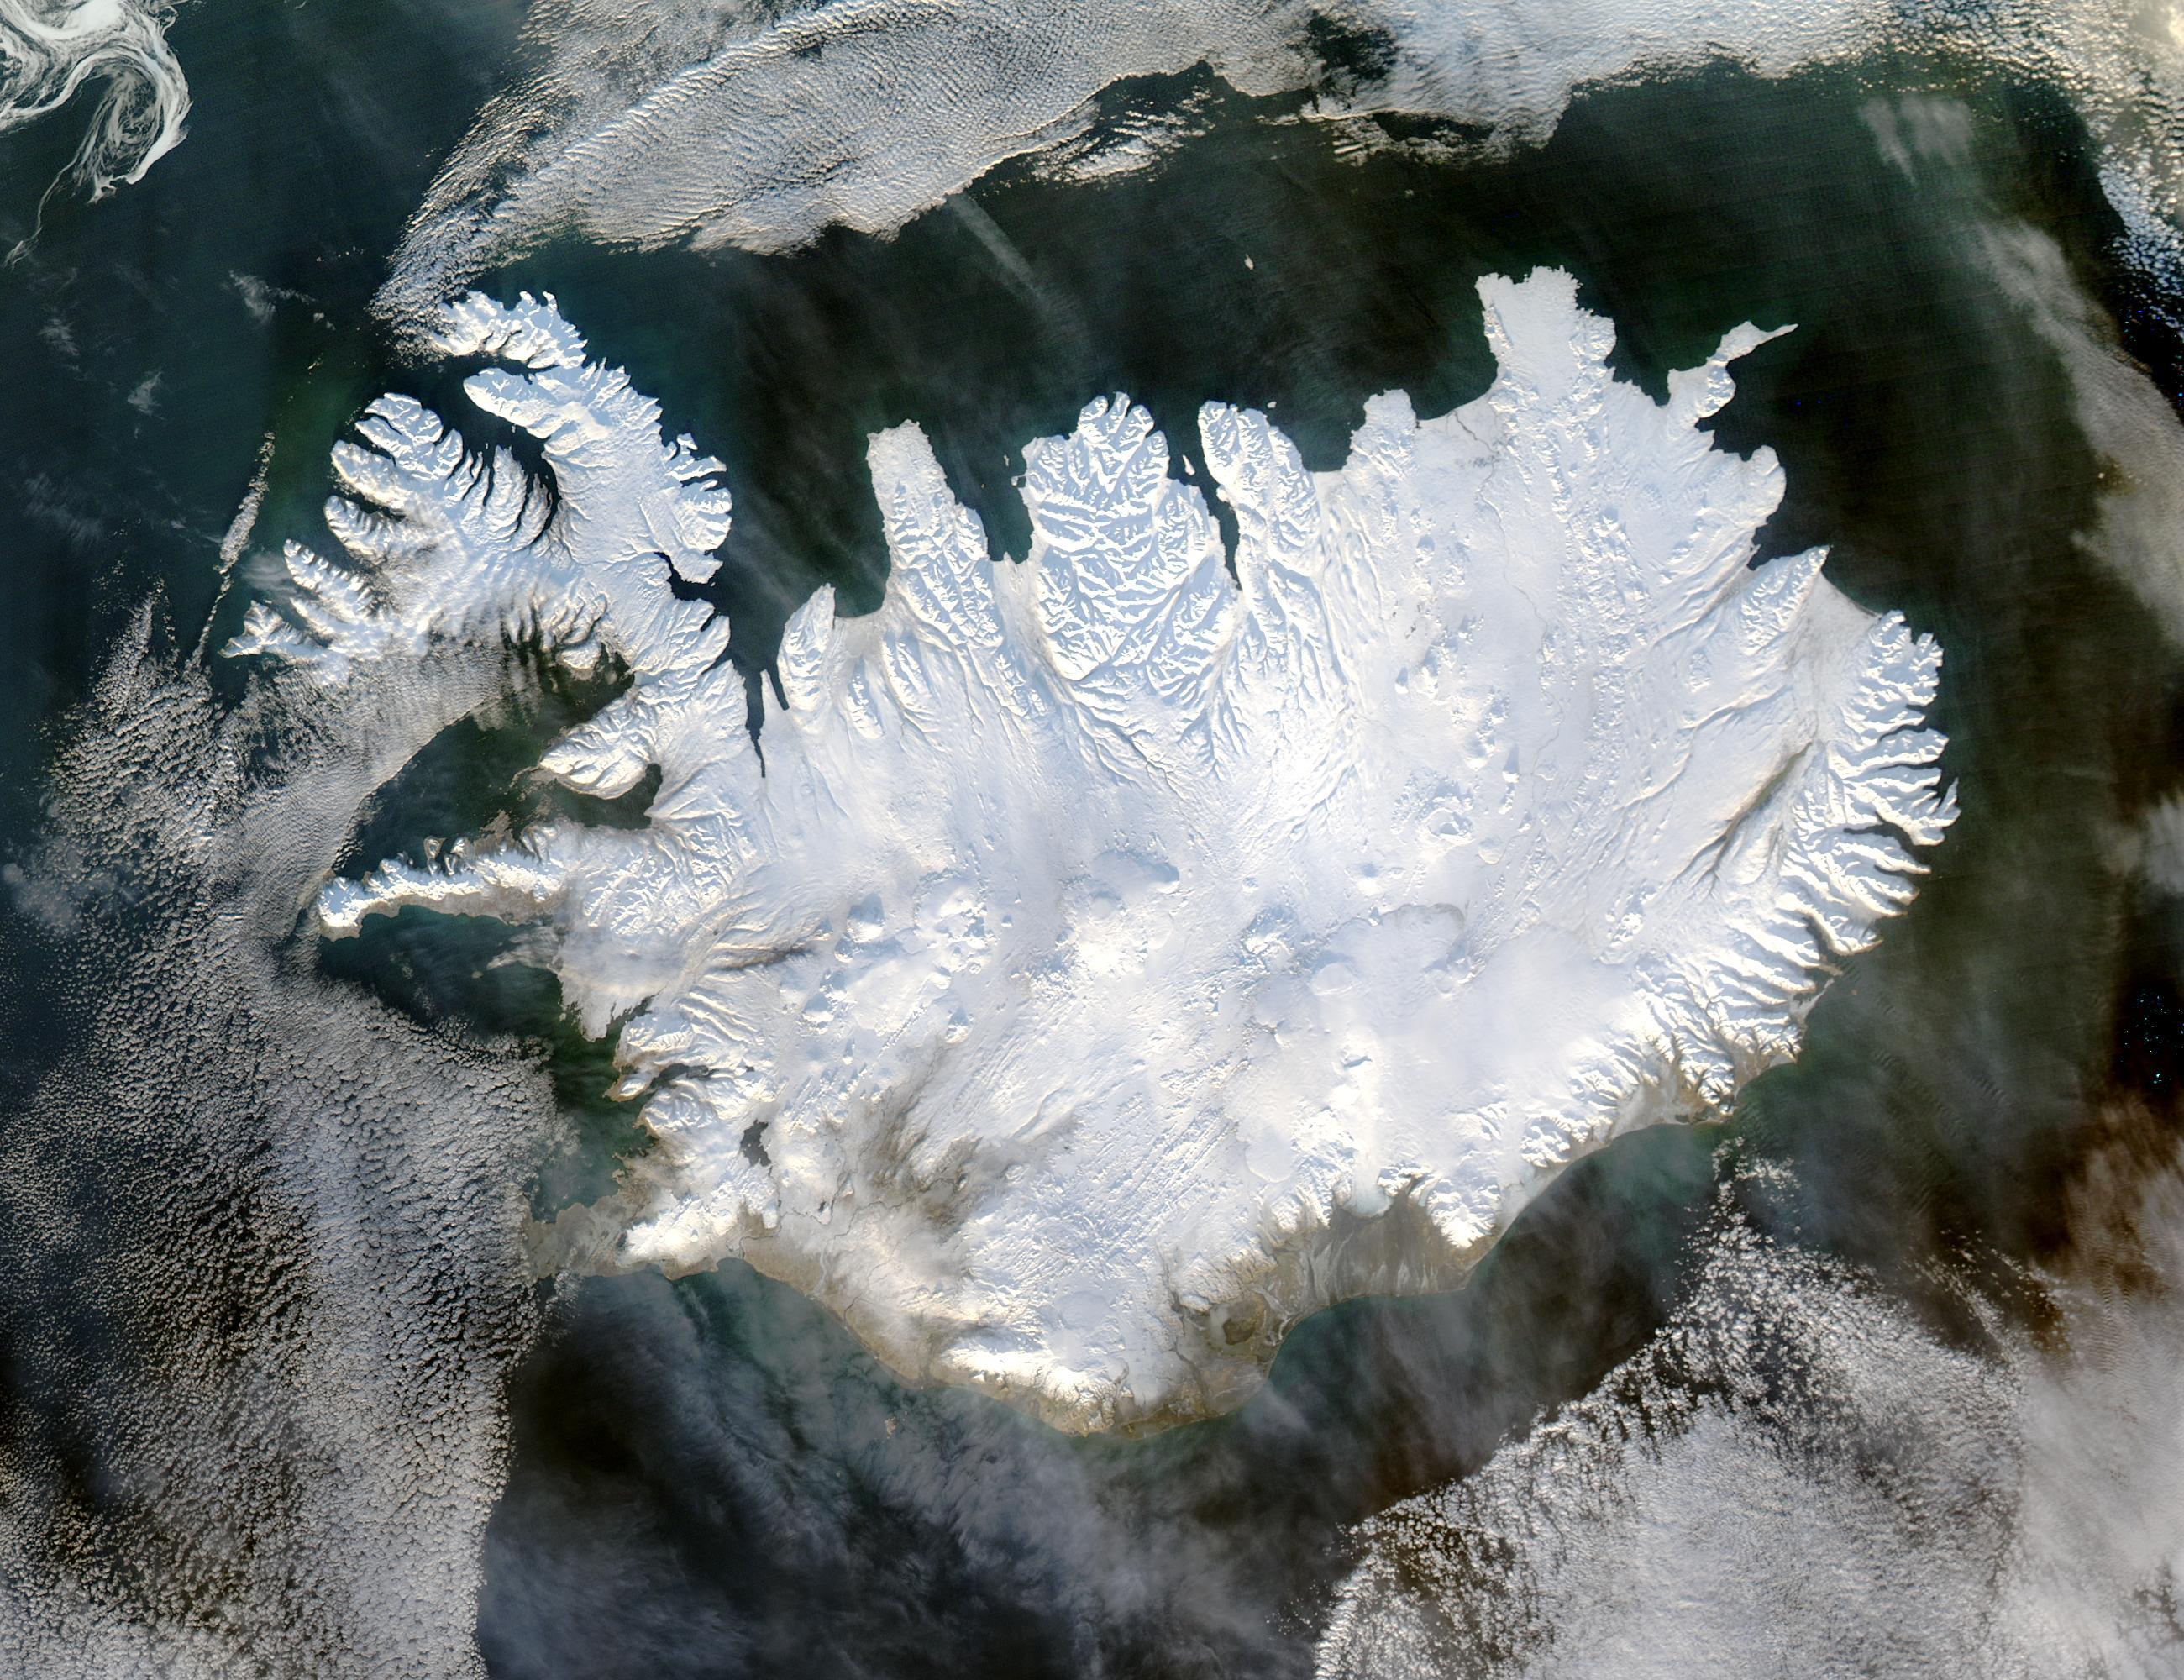 Island im Winter, aufgenommen vom NASA-Satelliten Aqua am 28.Januar 2004